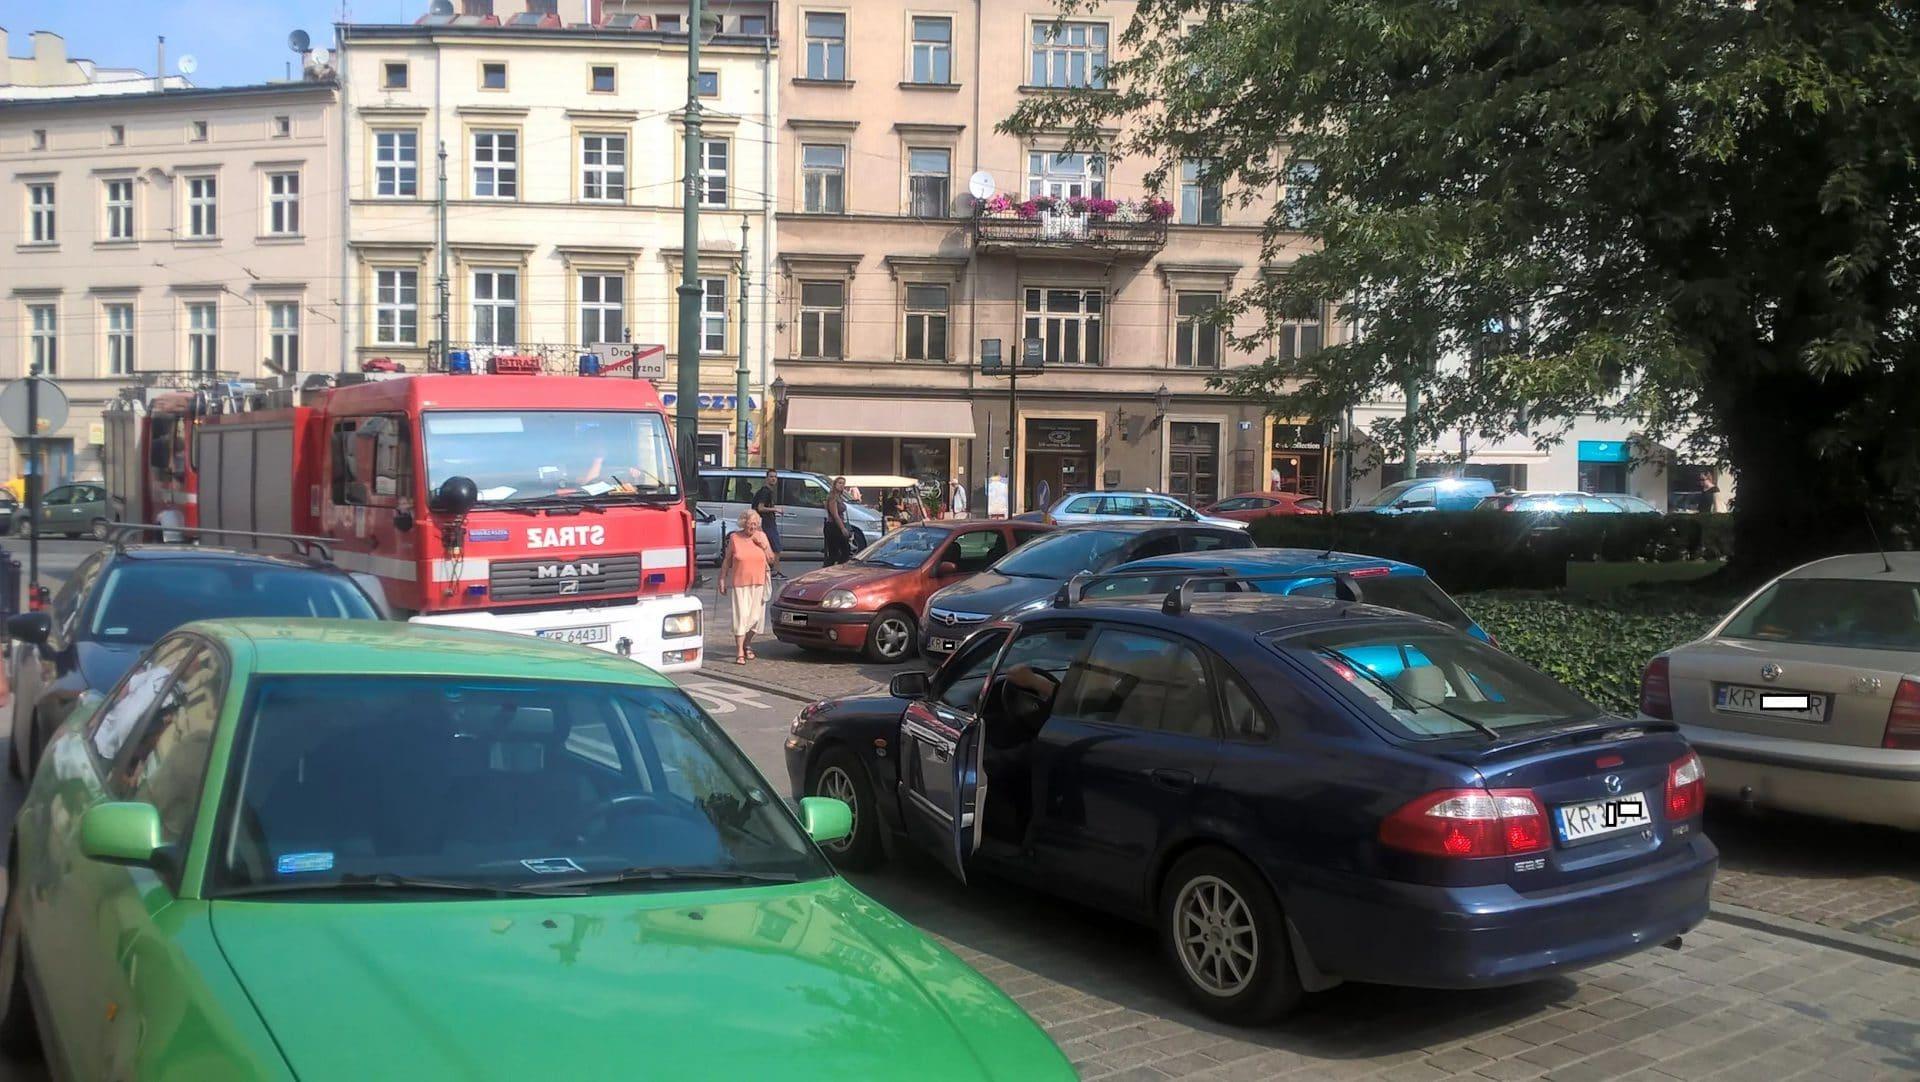 Droga przeciwpożarowa przed krakowskim urzędem. Samochody radnych i urzędników blokują przejazd straży pożarnej. Zdjęcie zrobiono w 2016 roku.